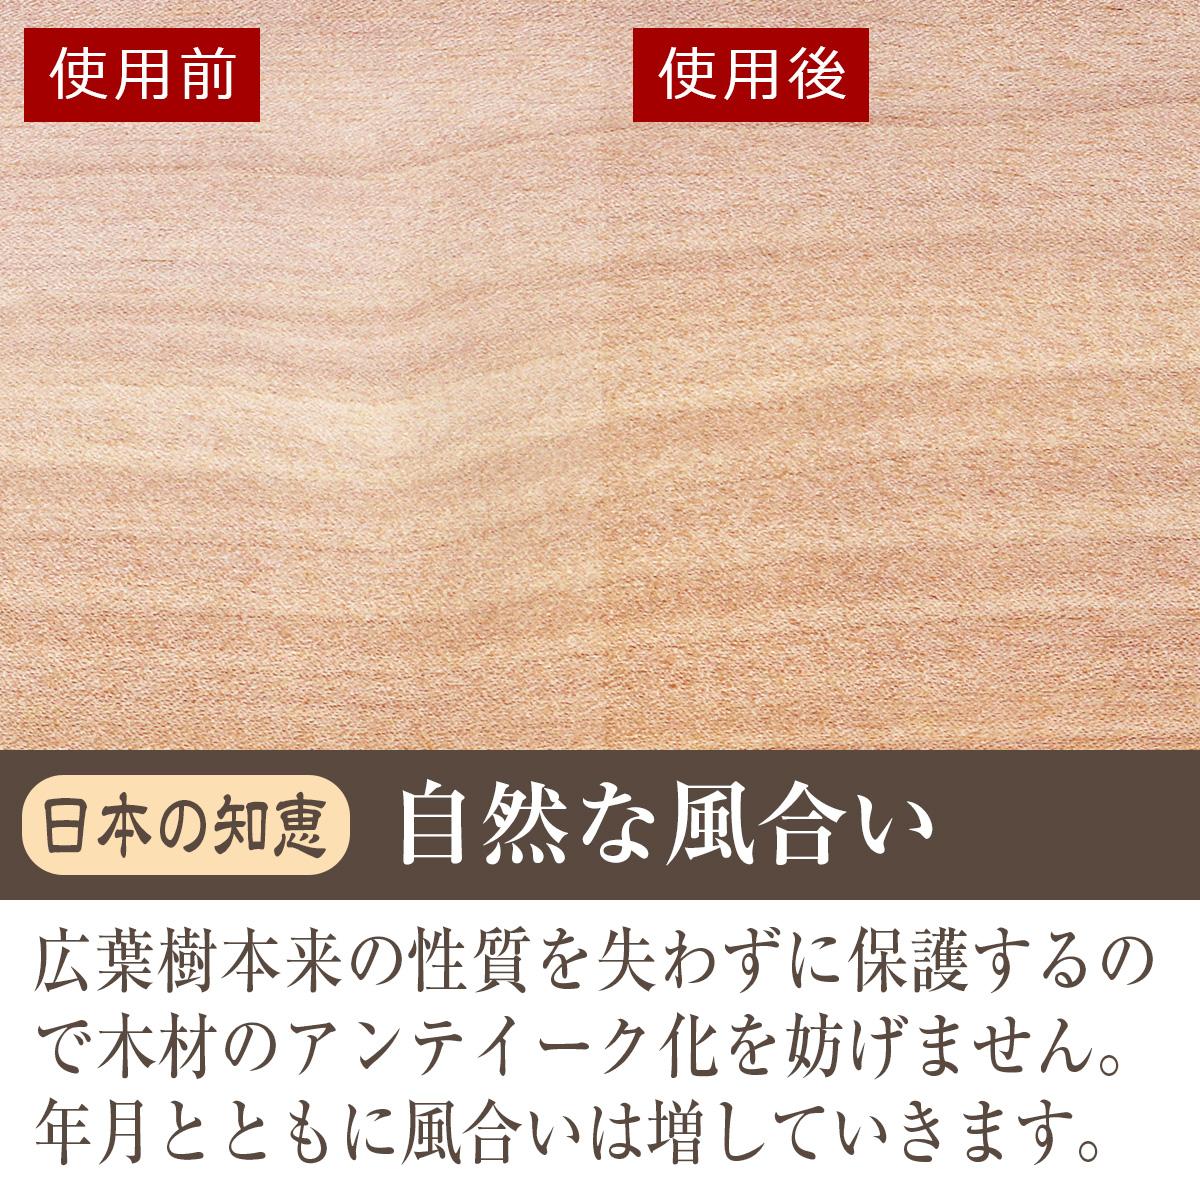 日本の知恵・自然な風合い 広葉樹本来の性質を失わずに保護するので木材のアンティーク化を妨げません。年月とともに風合いは増していきます